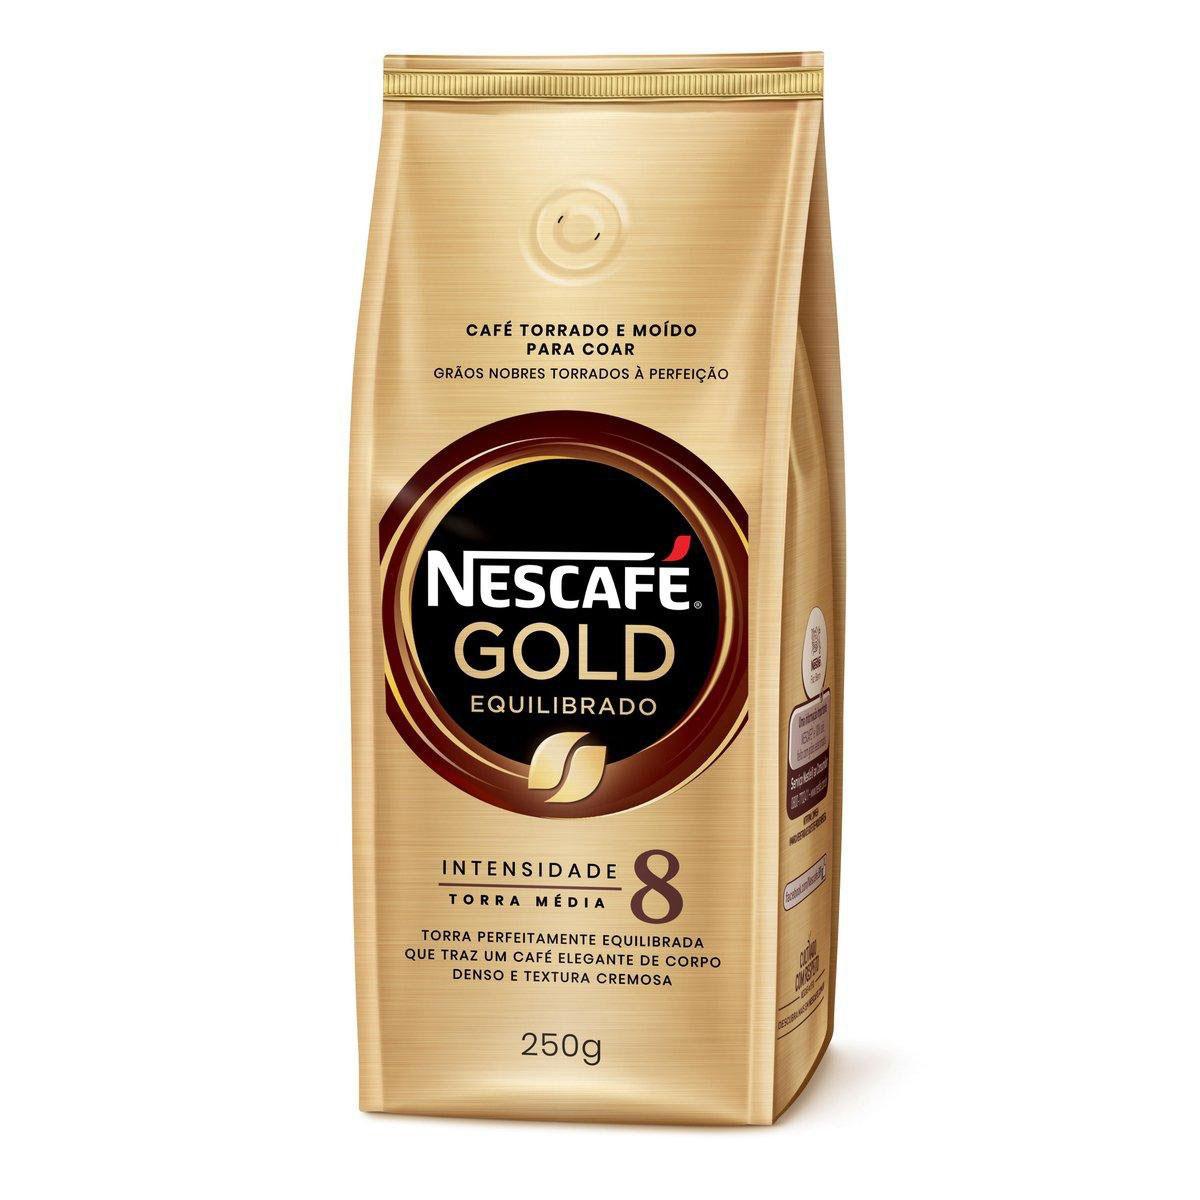 Café Torrado e Moído NESCAFÉ Gold Equilibrado 250g